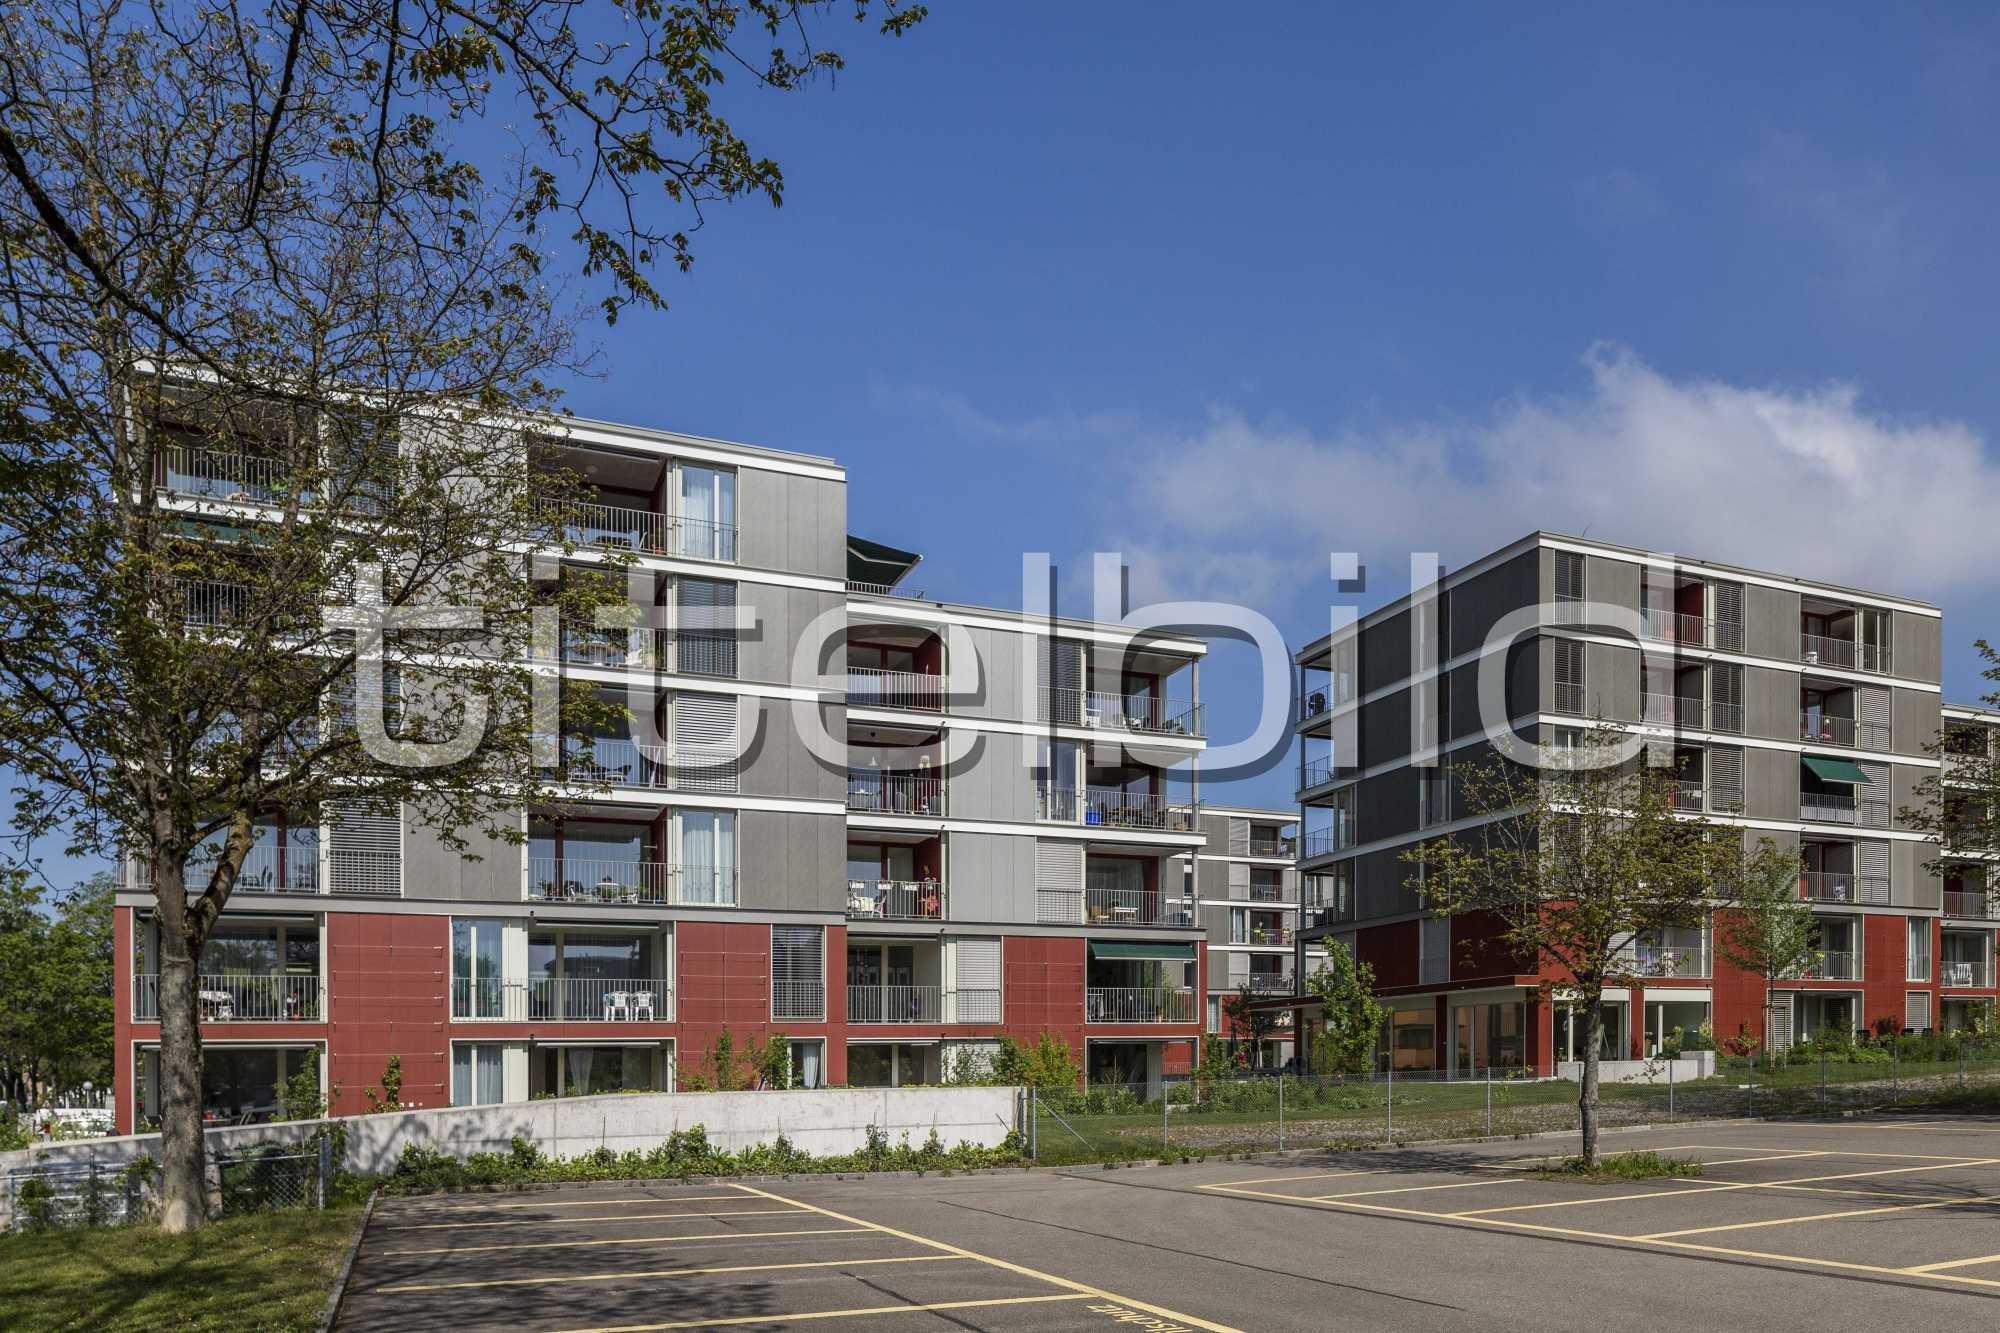 Projektbild-Nr. 8: Wohnüberbauung Sulperg 2